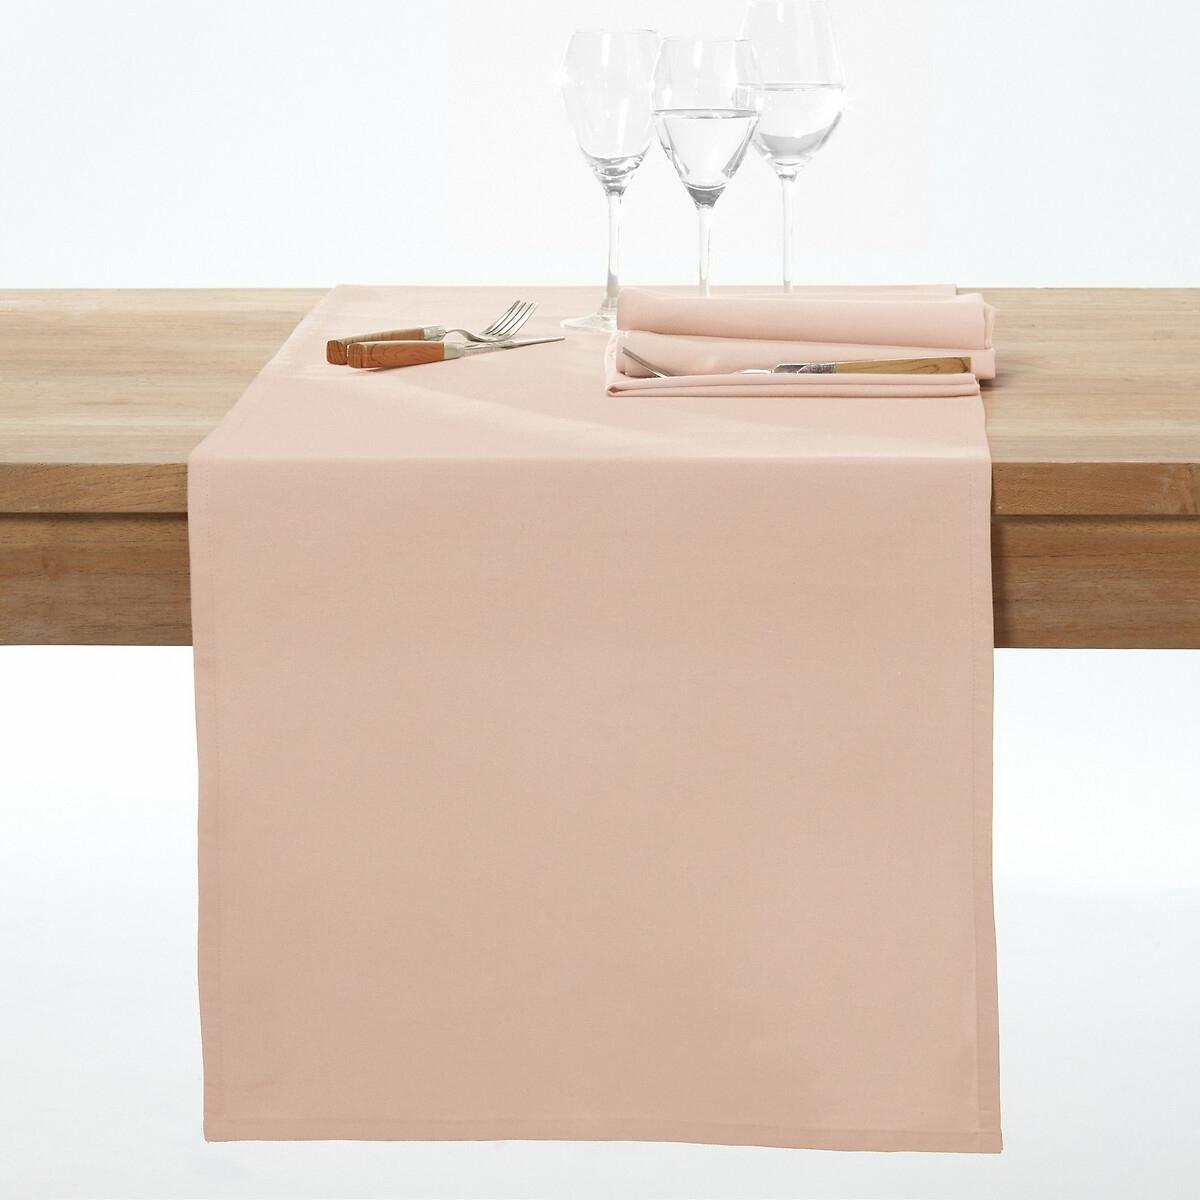 Дорожка LaRedoute Столовая с пропиткой против пятен SCENARIO 45 x 150 см розовый штора laredoute затемняющая с люверсами 100 хлопок scenario 220 x 135 см розовый